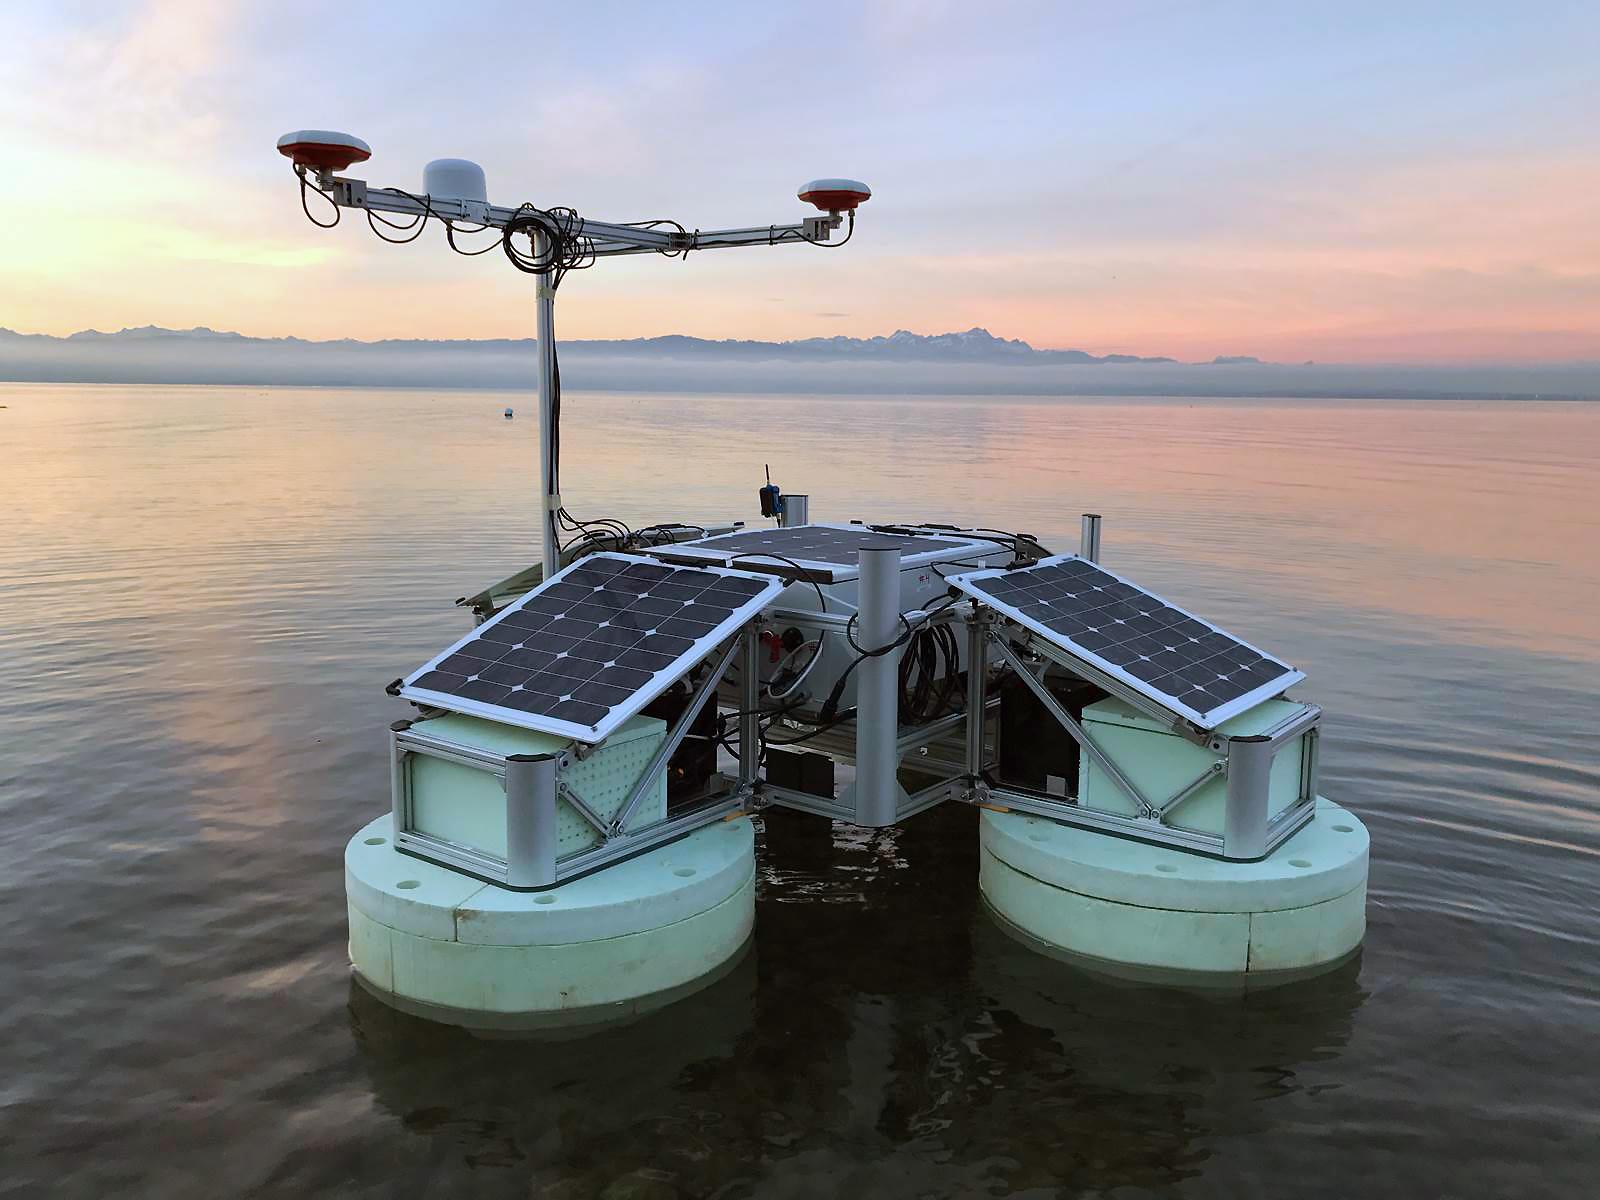 Der Hydrocrawler bei seiner offiziellen Jungfernfahrt auf dem Bodensee. © Fraunhofer IBMT; Foto: Christian Degel